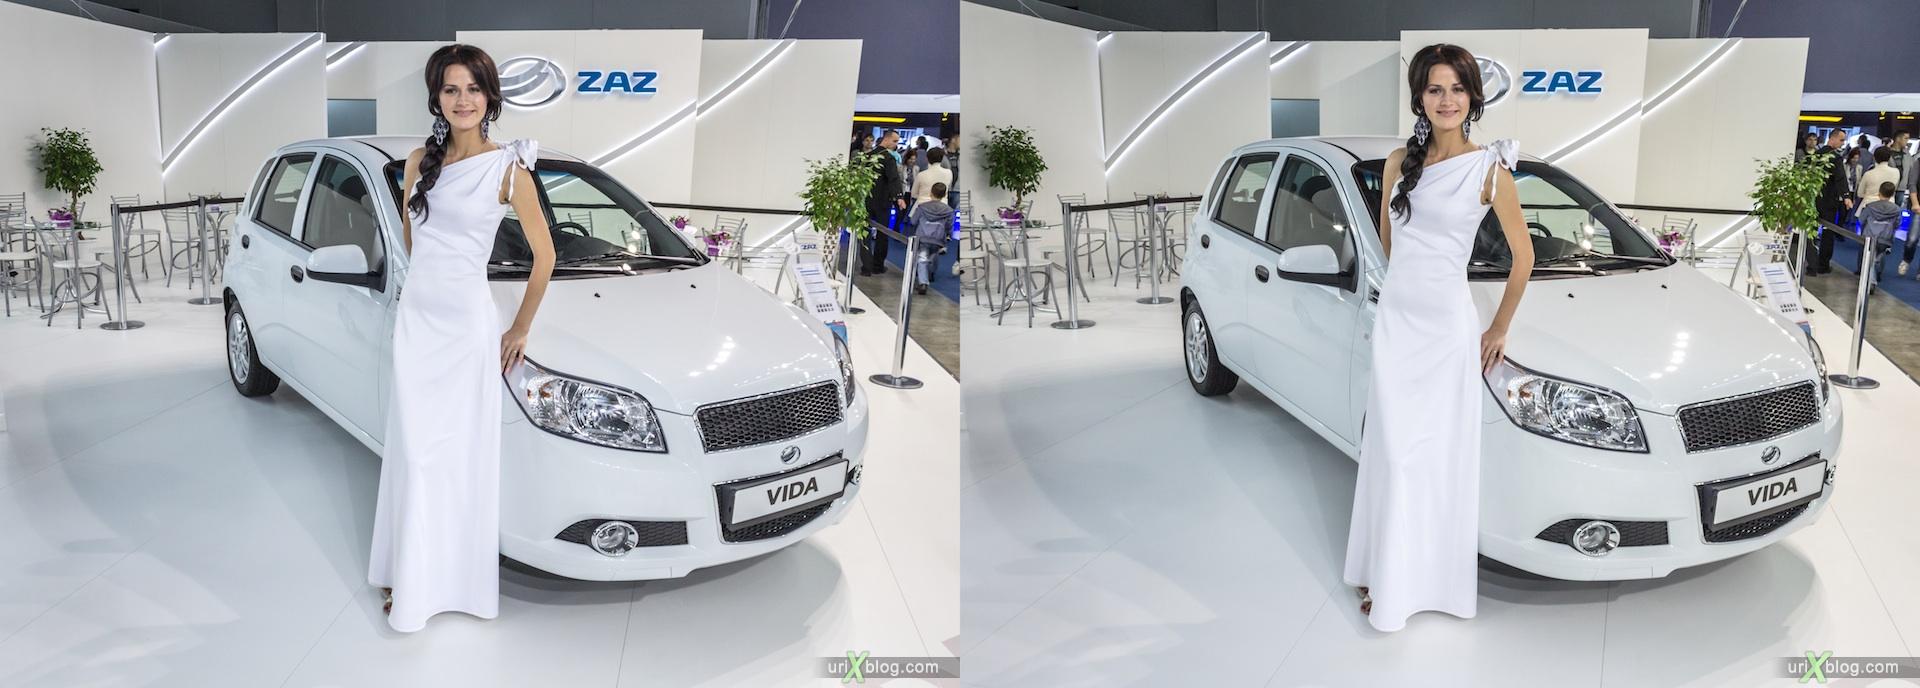 2012, ZAZ VIDA, девушка, модель, Московский международный автомобильный салон, ММАС, Крокус Экспо, 3D, стереопара